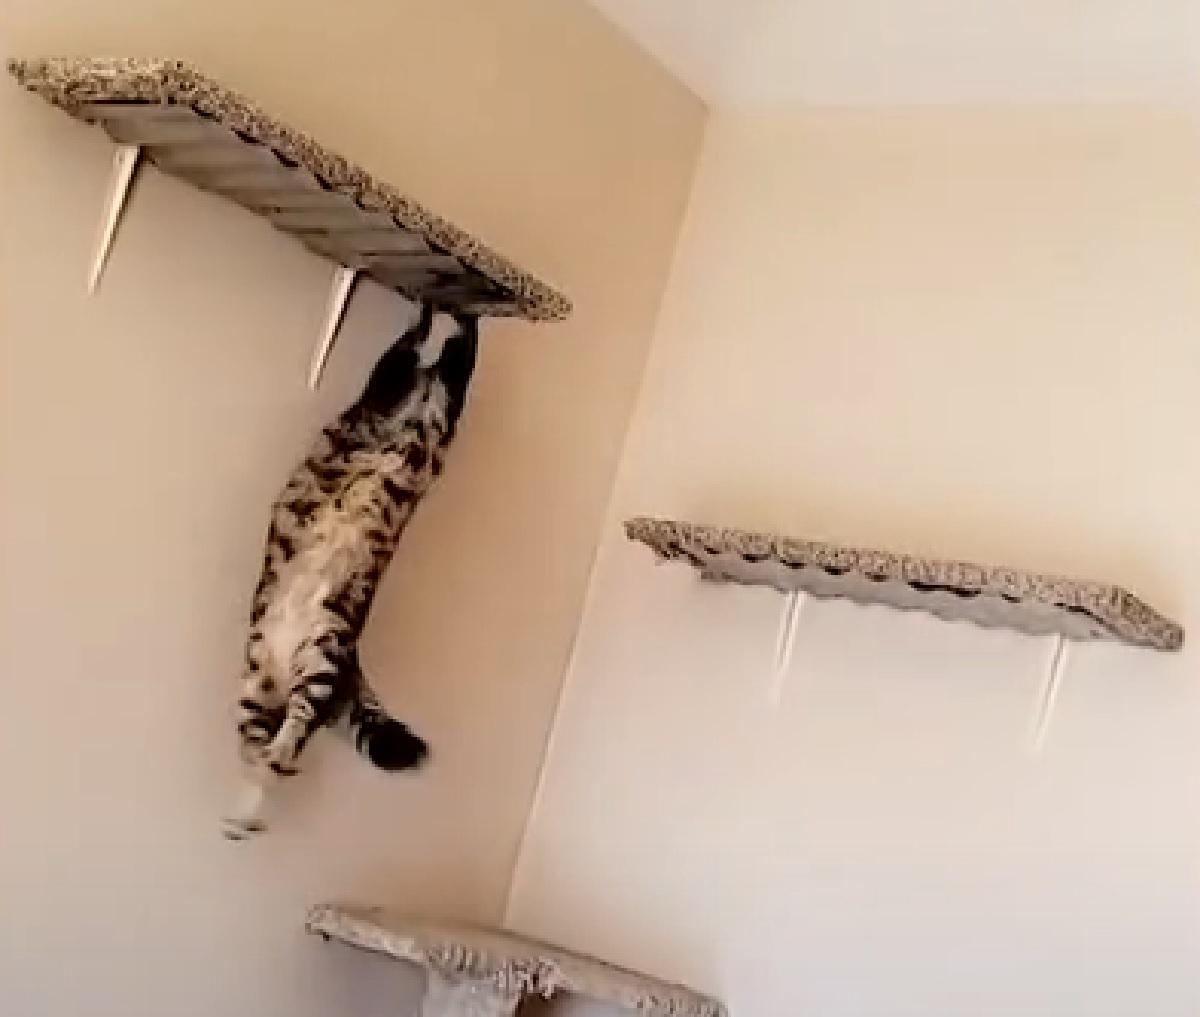 squirrel gattino non afferra mensola